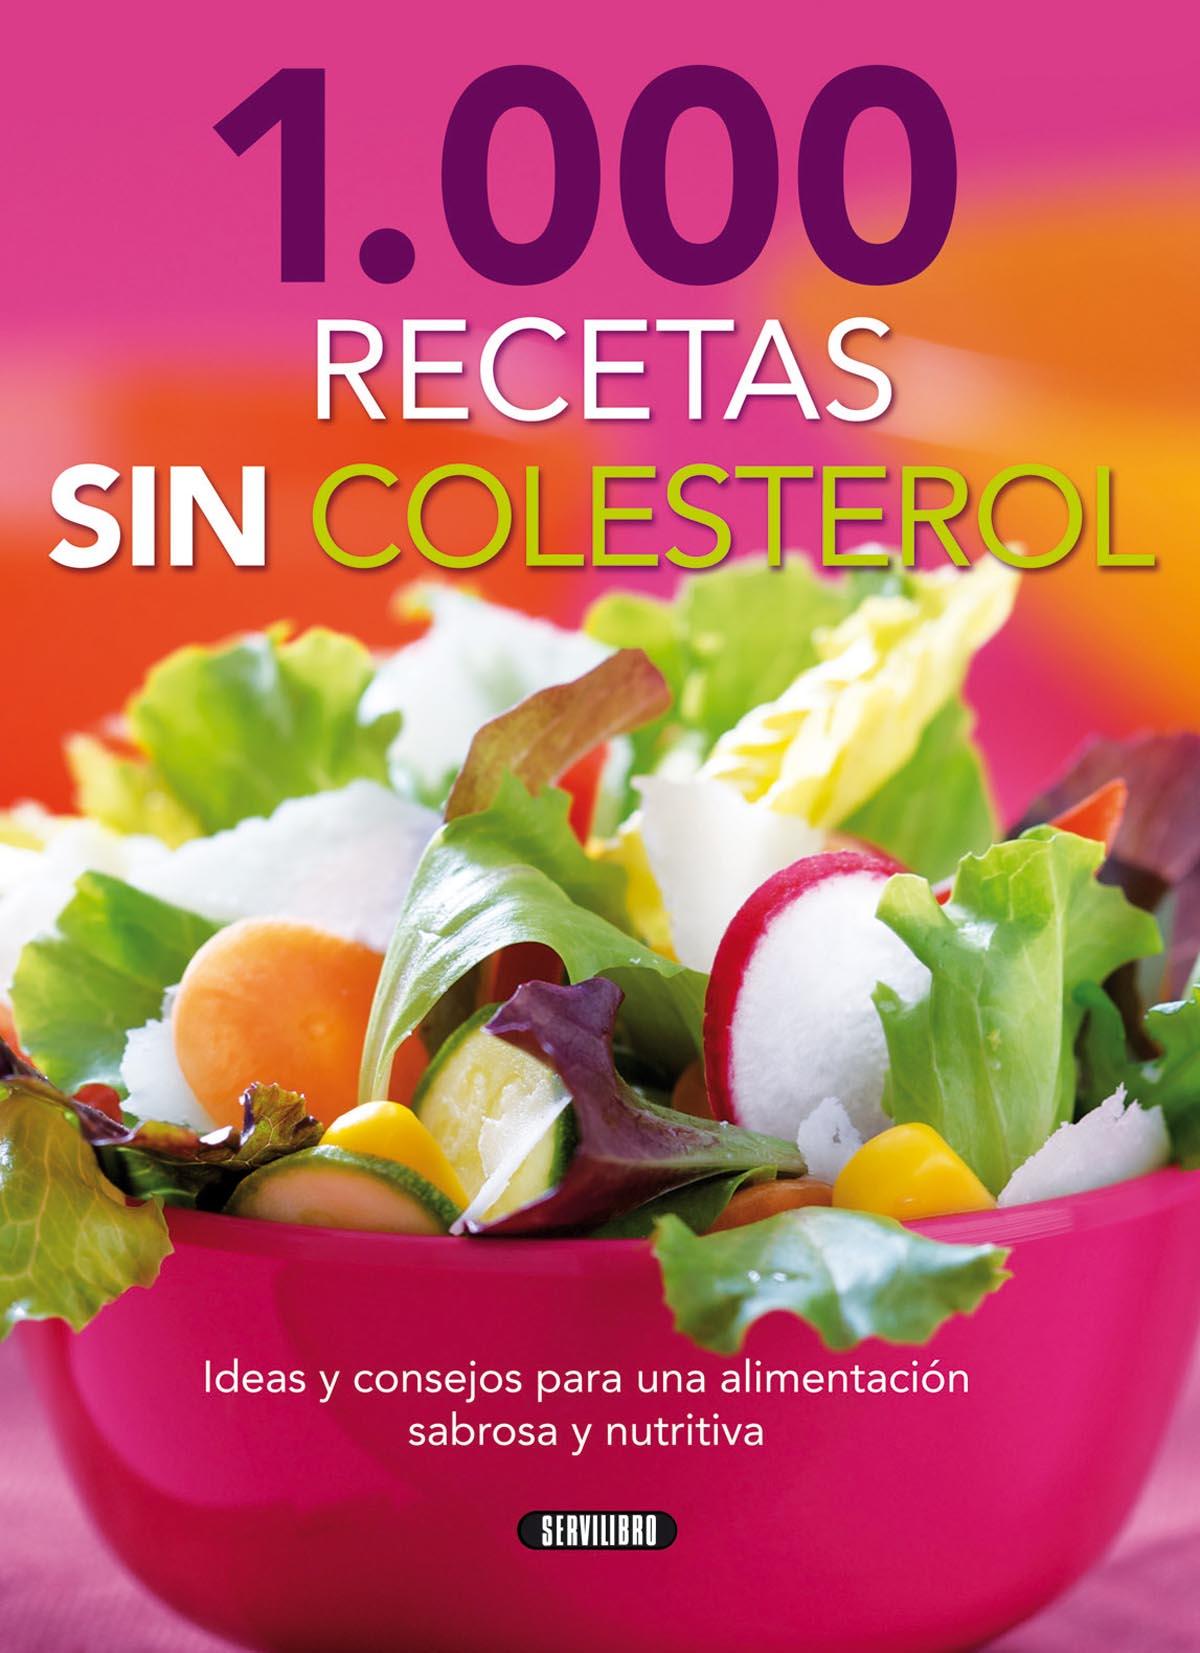 Libros de cocina libros servilibro ediciones 1000 - Libros de cocina originales ...